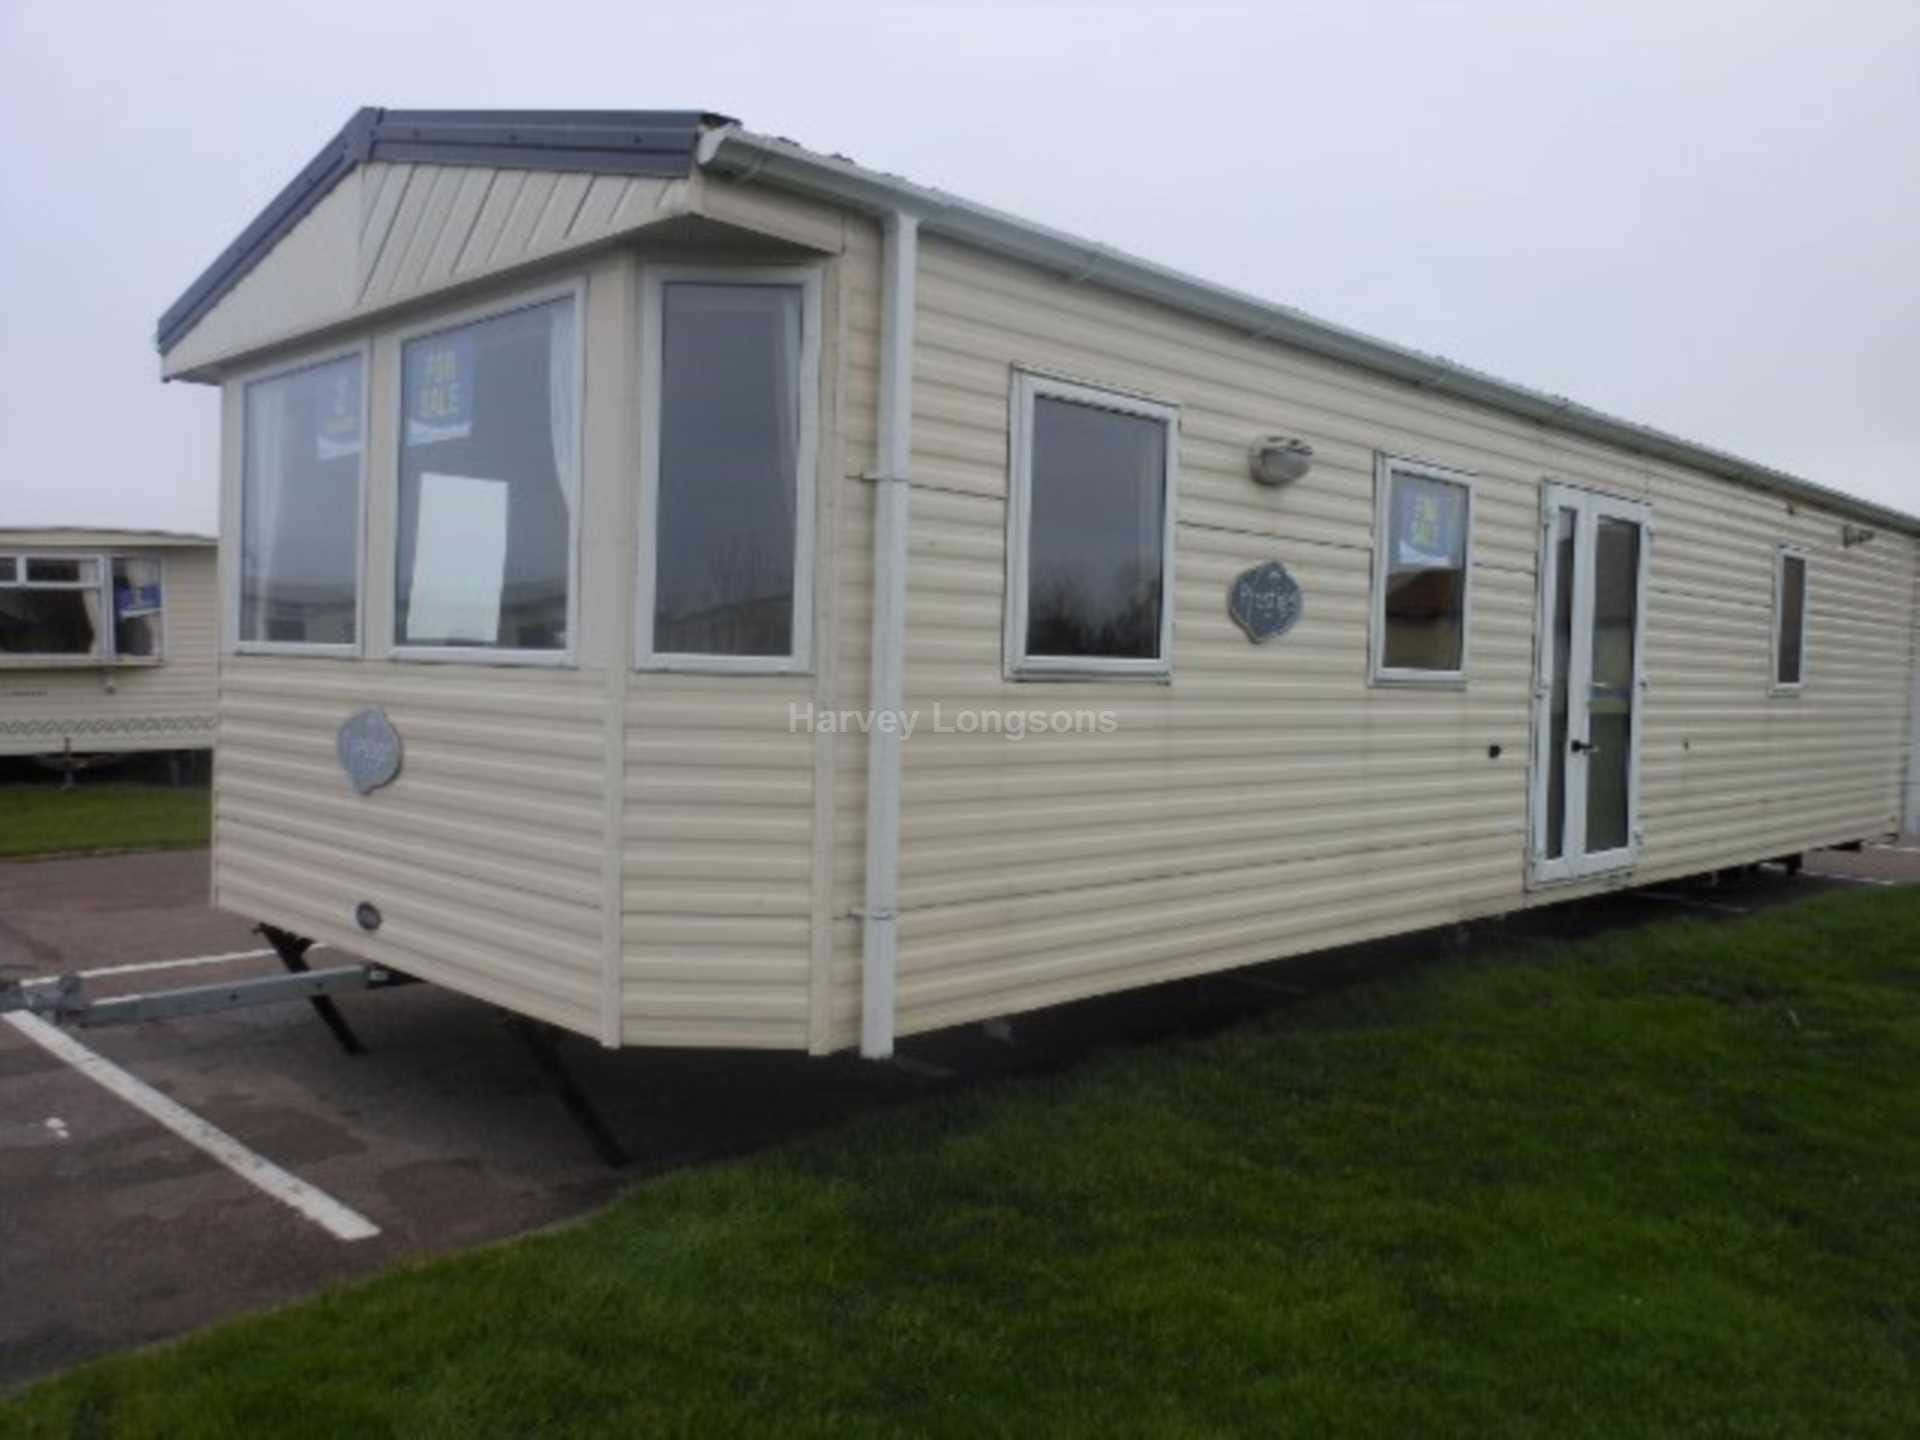 New Bedroom Caravan Hastings For Sale In Hastings East Sussex